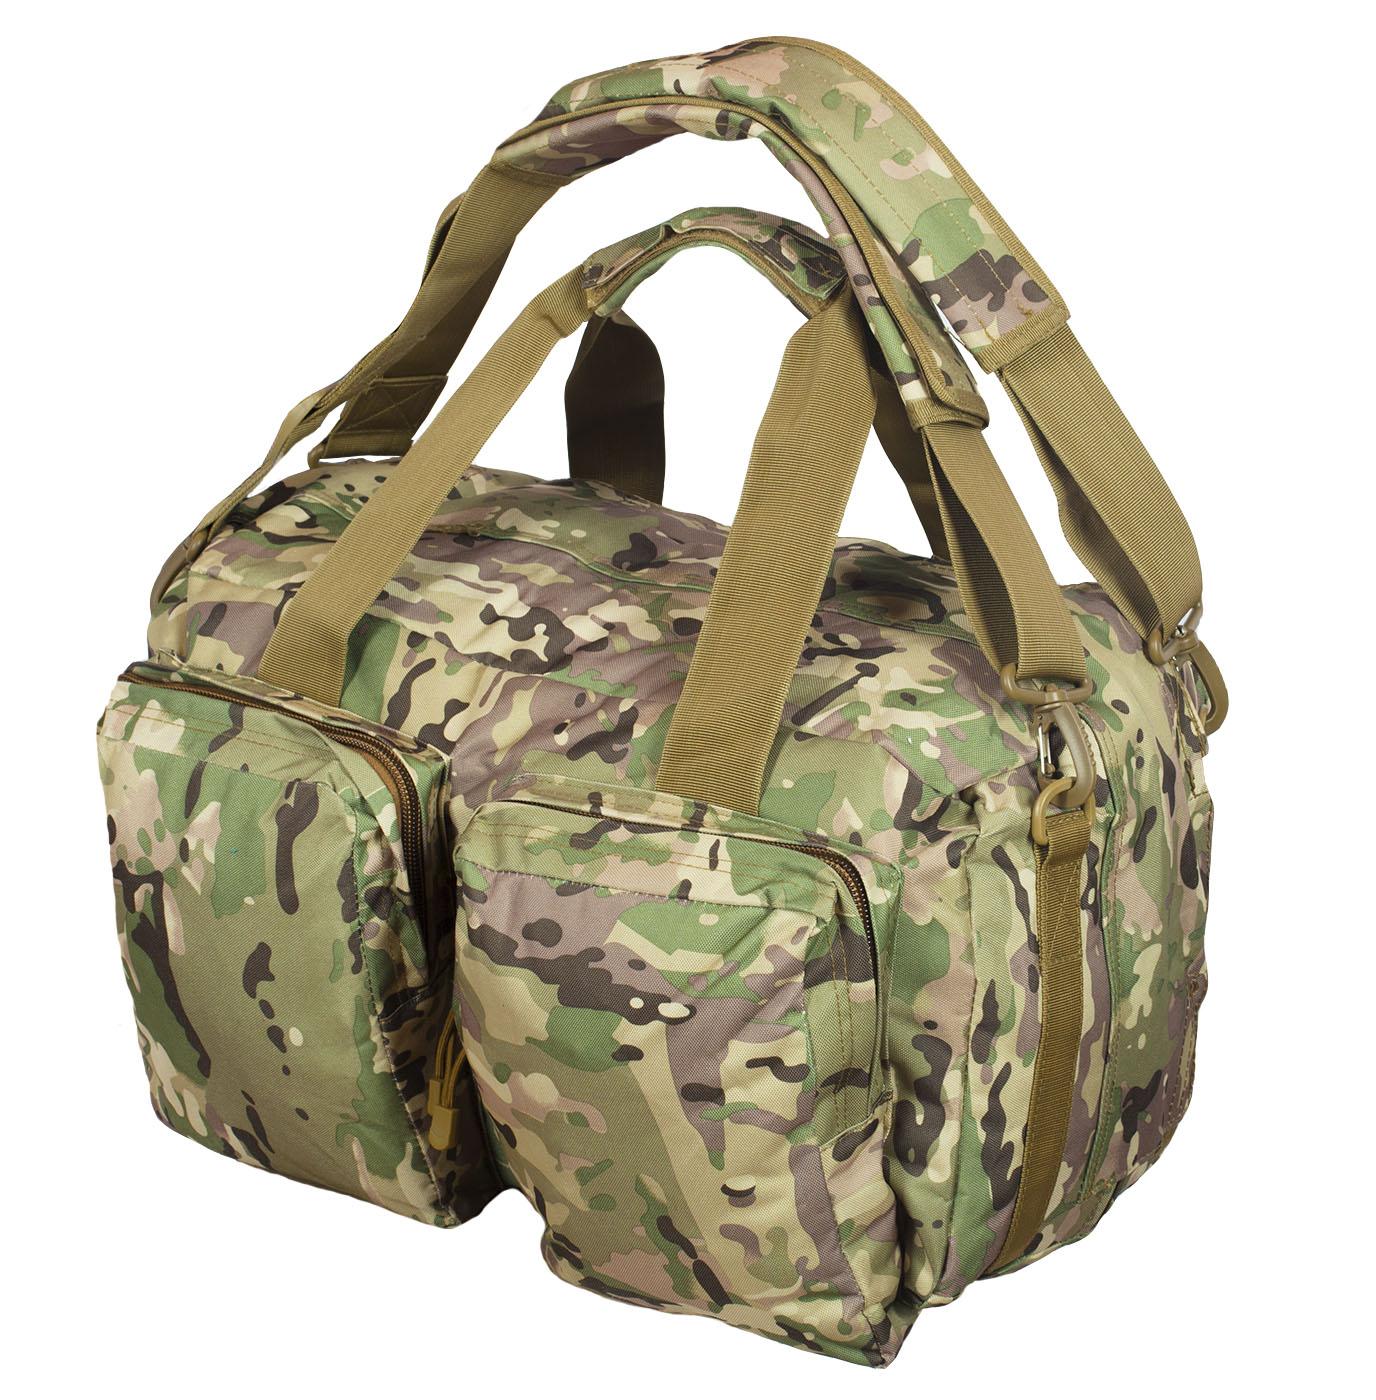 Камуфляжная походная сумка Ни пуха, Ни пера - заказать онлайн